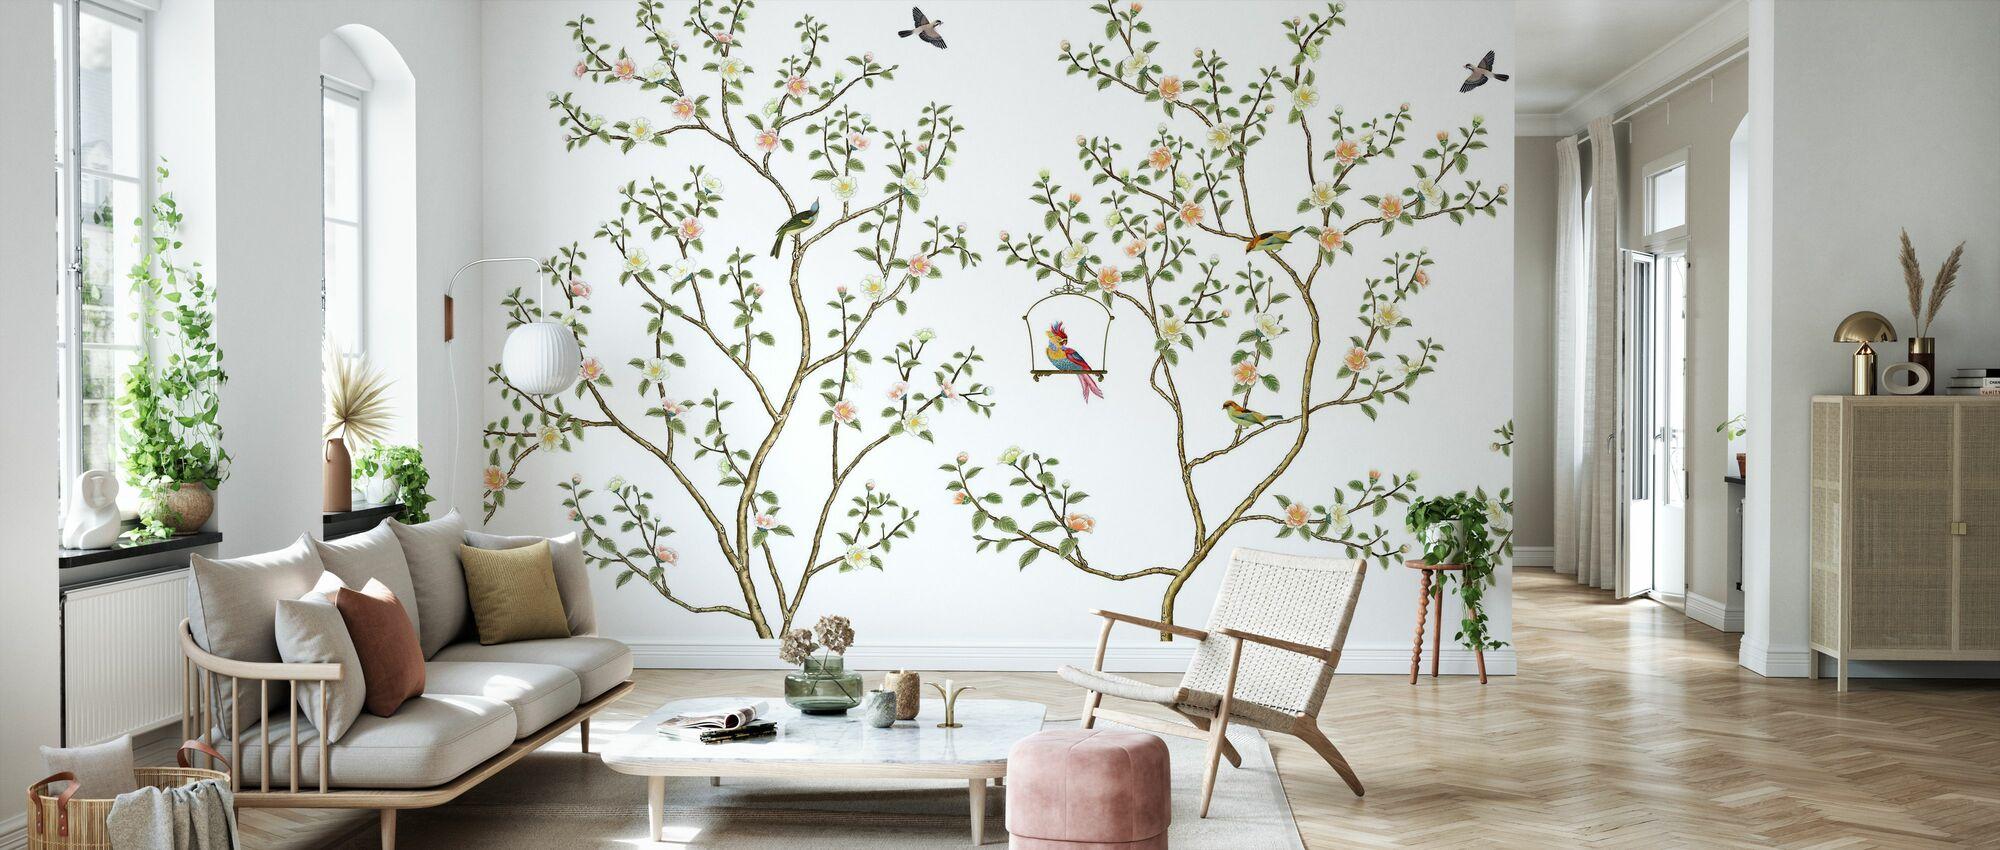 New Chinoiserie - Wallpaper - Living Room